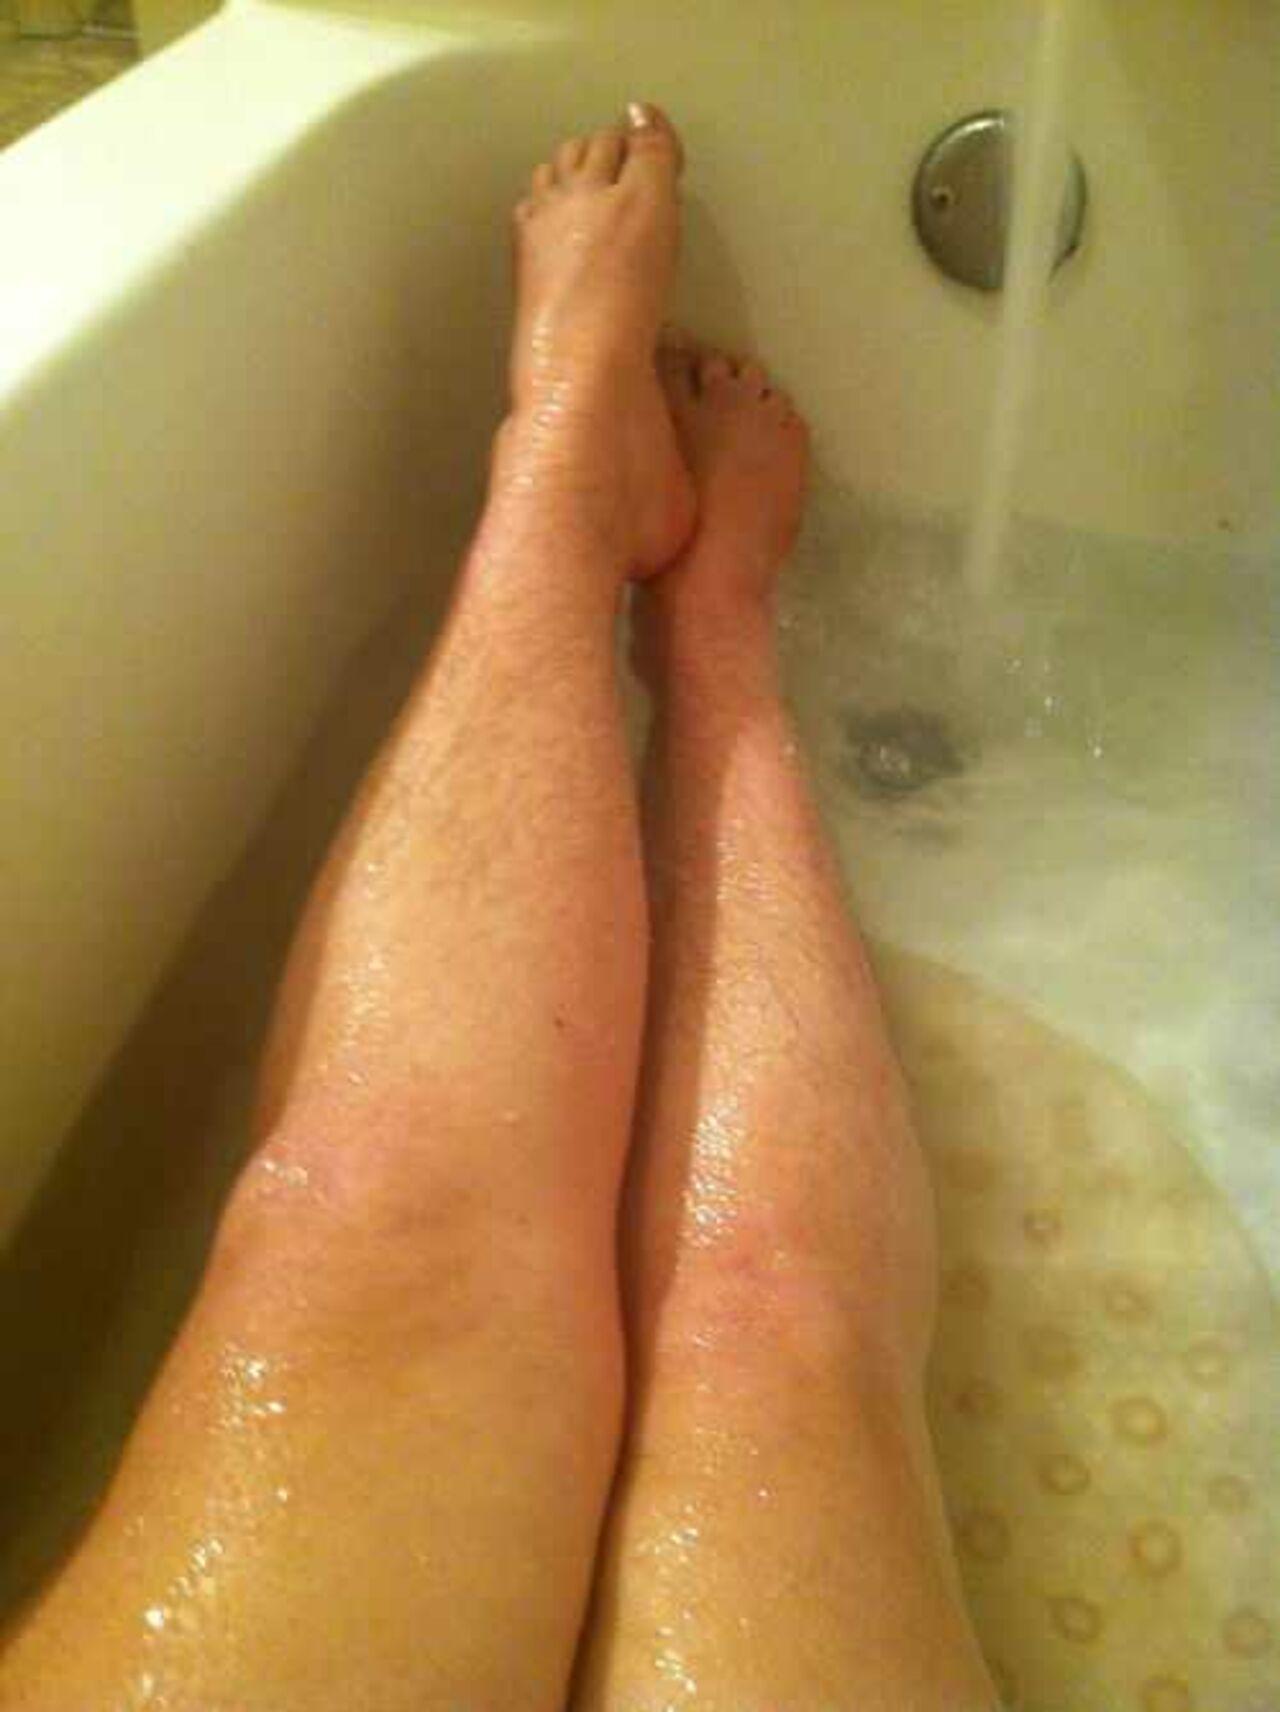 Волосатые ноги голая жена фото что